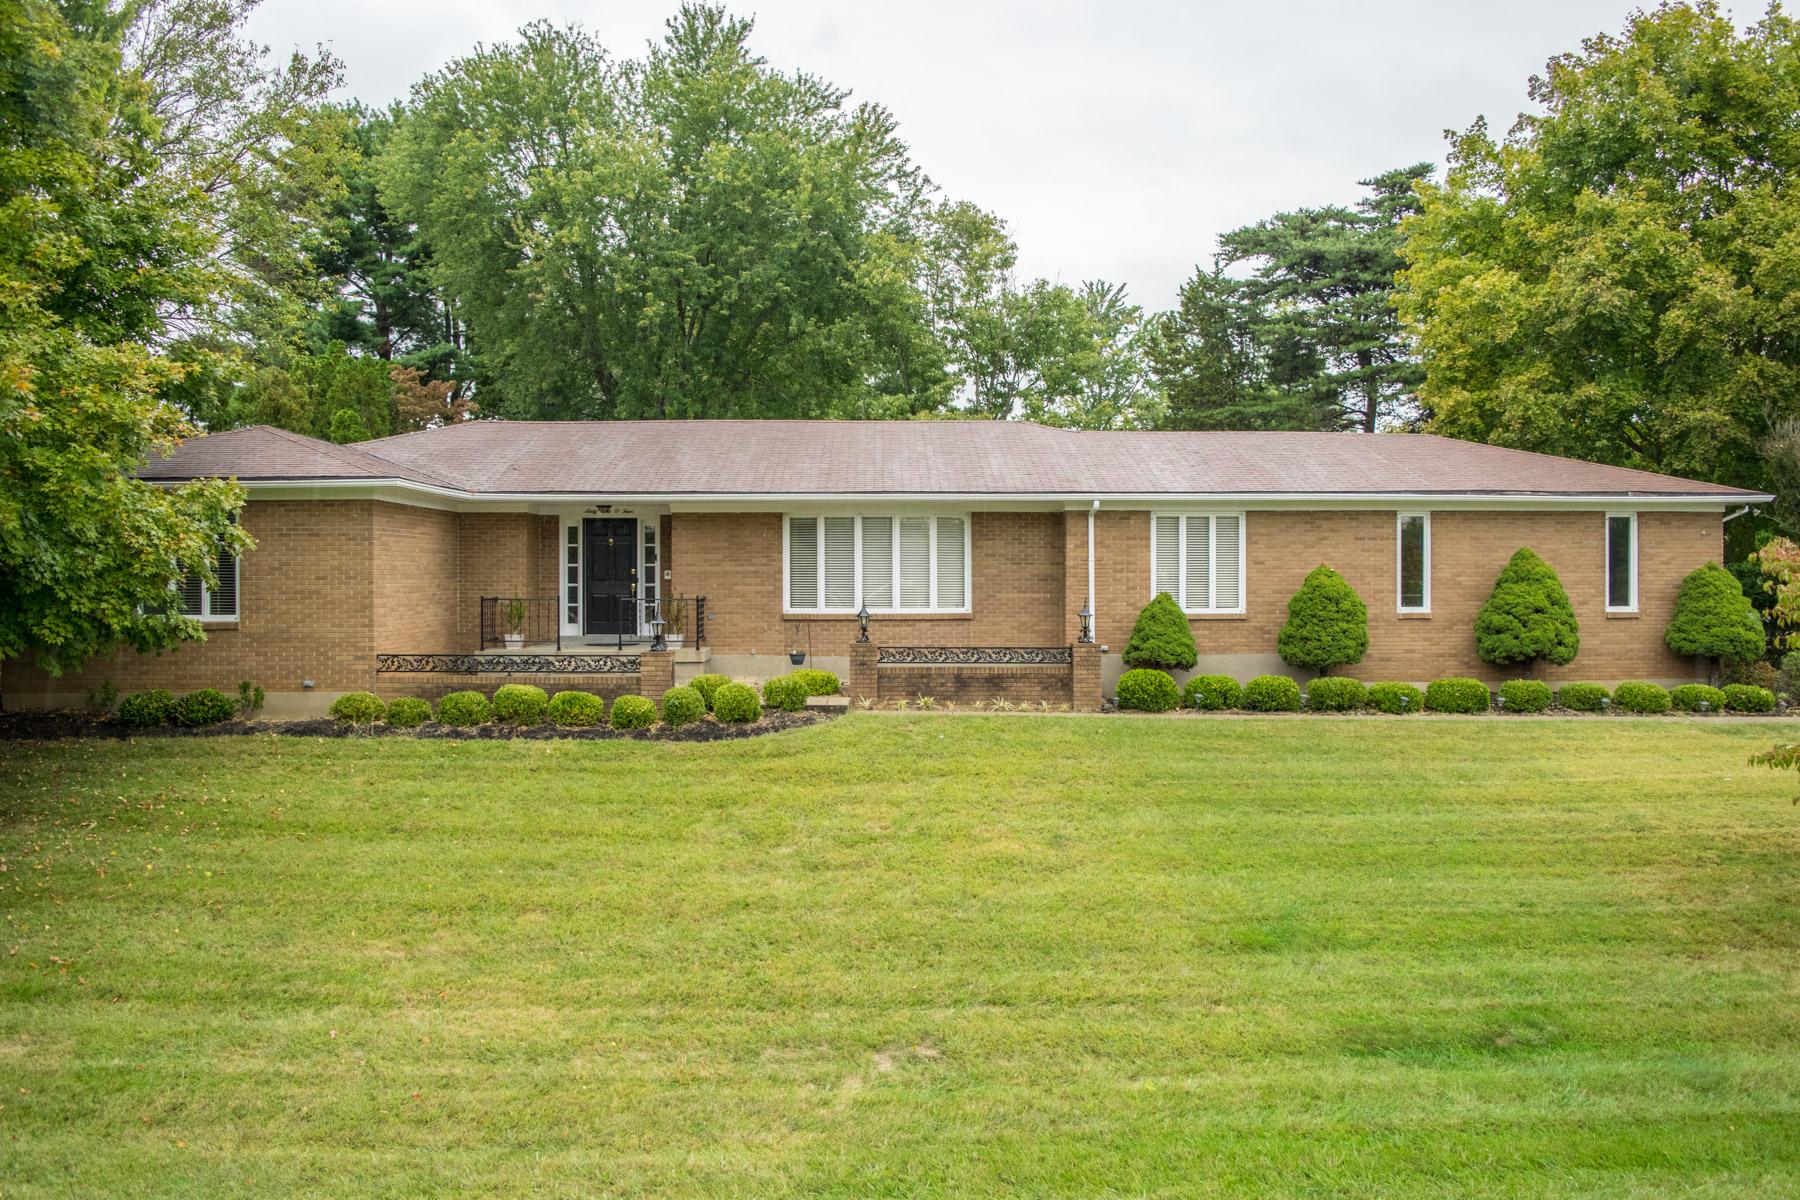 Частный односемейный дом для того Продажа на 6104 Tidewater Court Prospect, Кентукки 40059 Соединенные Штаты